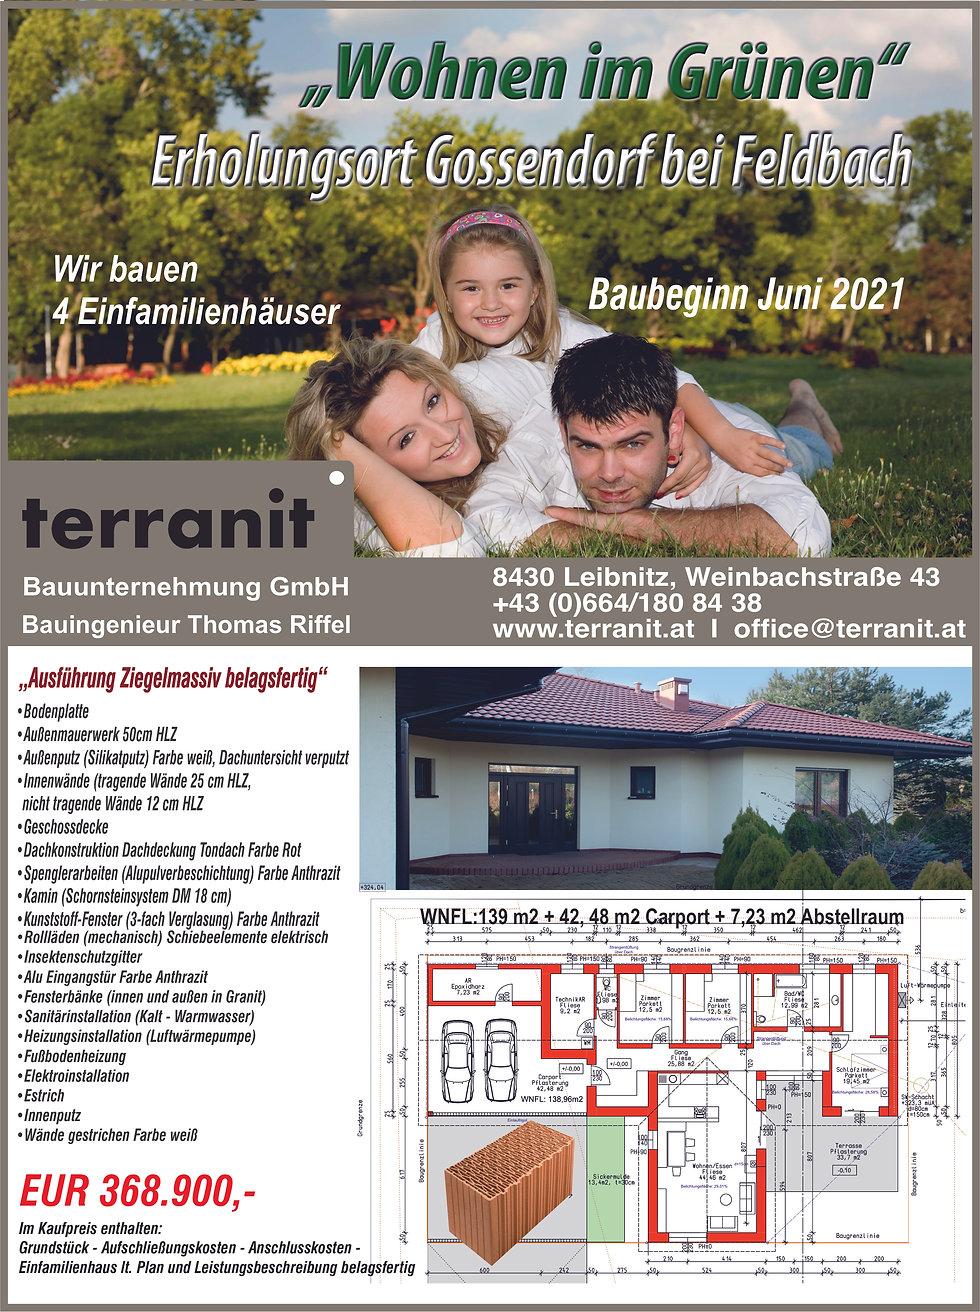 Werbung terranit Myroomz immobilien.jpg